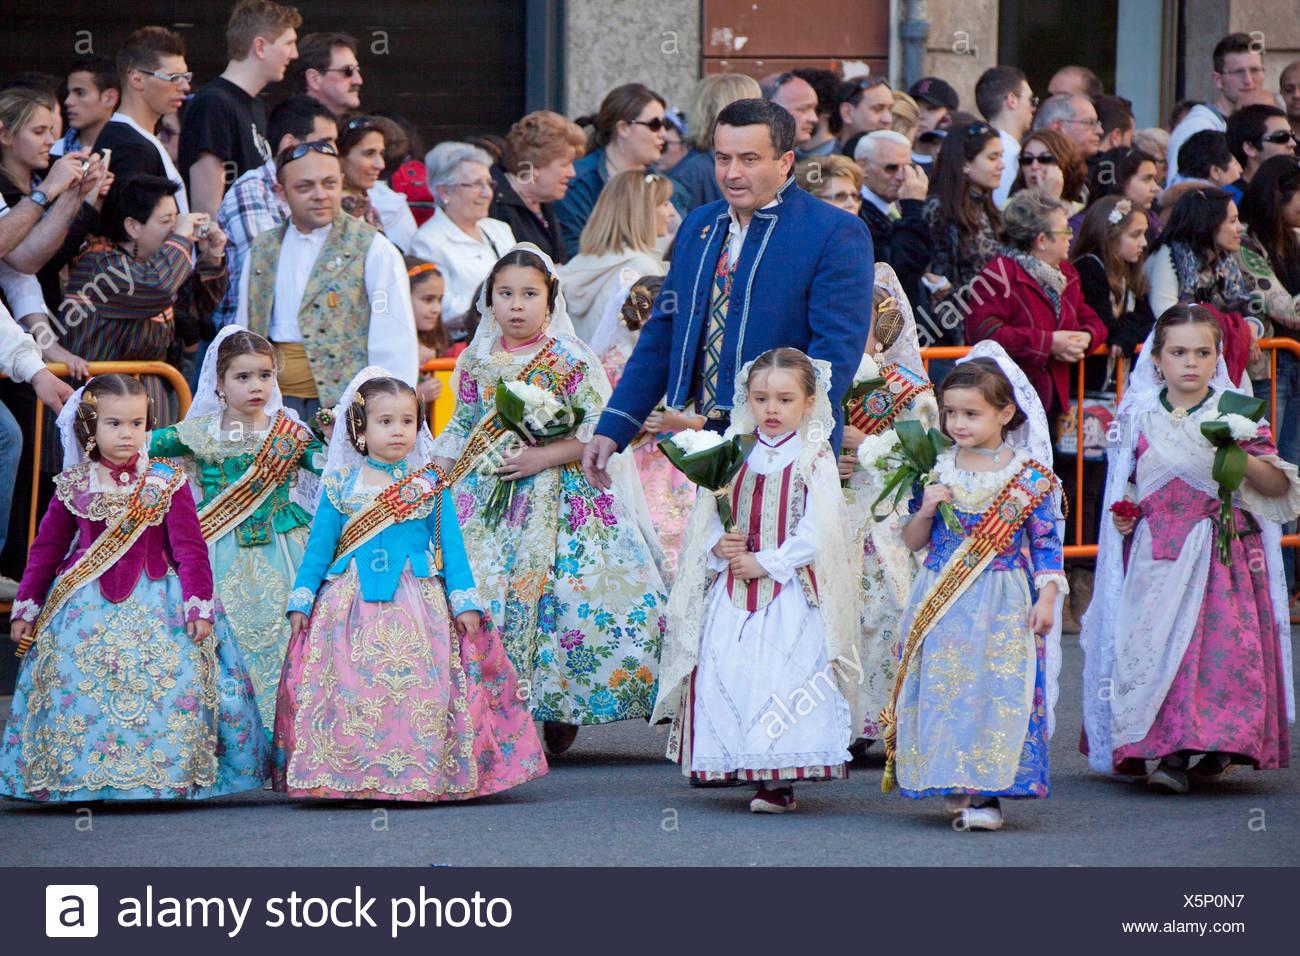 España, Europa, Valencia, pueblos tradicionales, disfraces, la Ofrenda de Flores, Desemparados, la Virgen, San José, fiestas, desfile Imagen De Stock